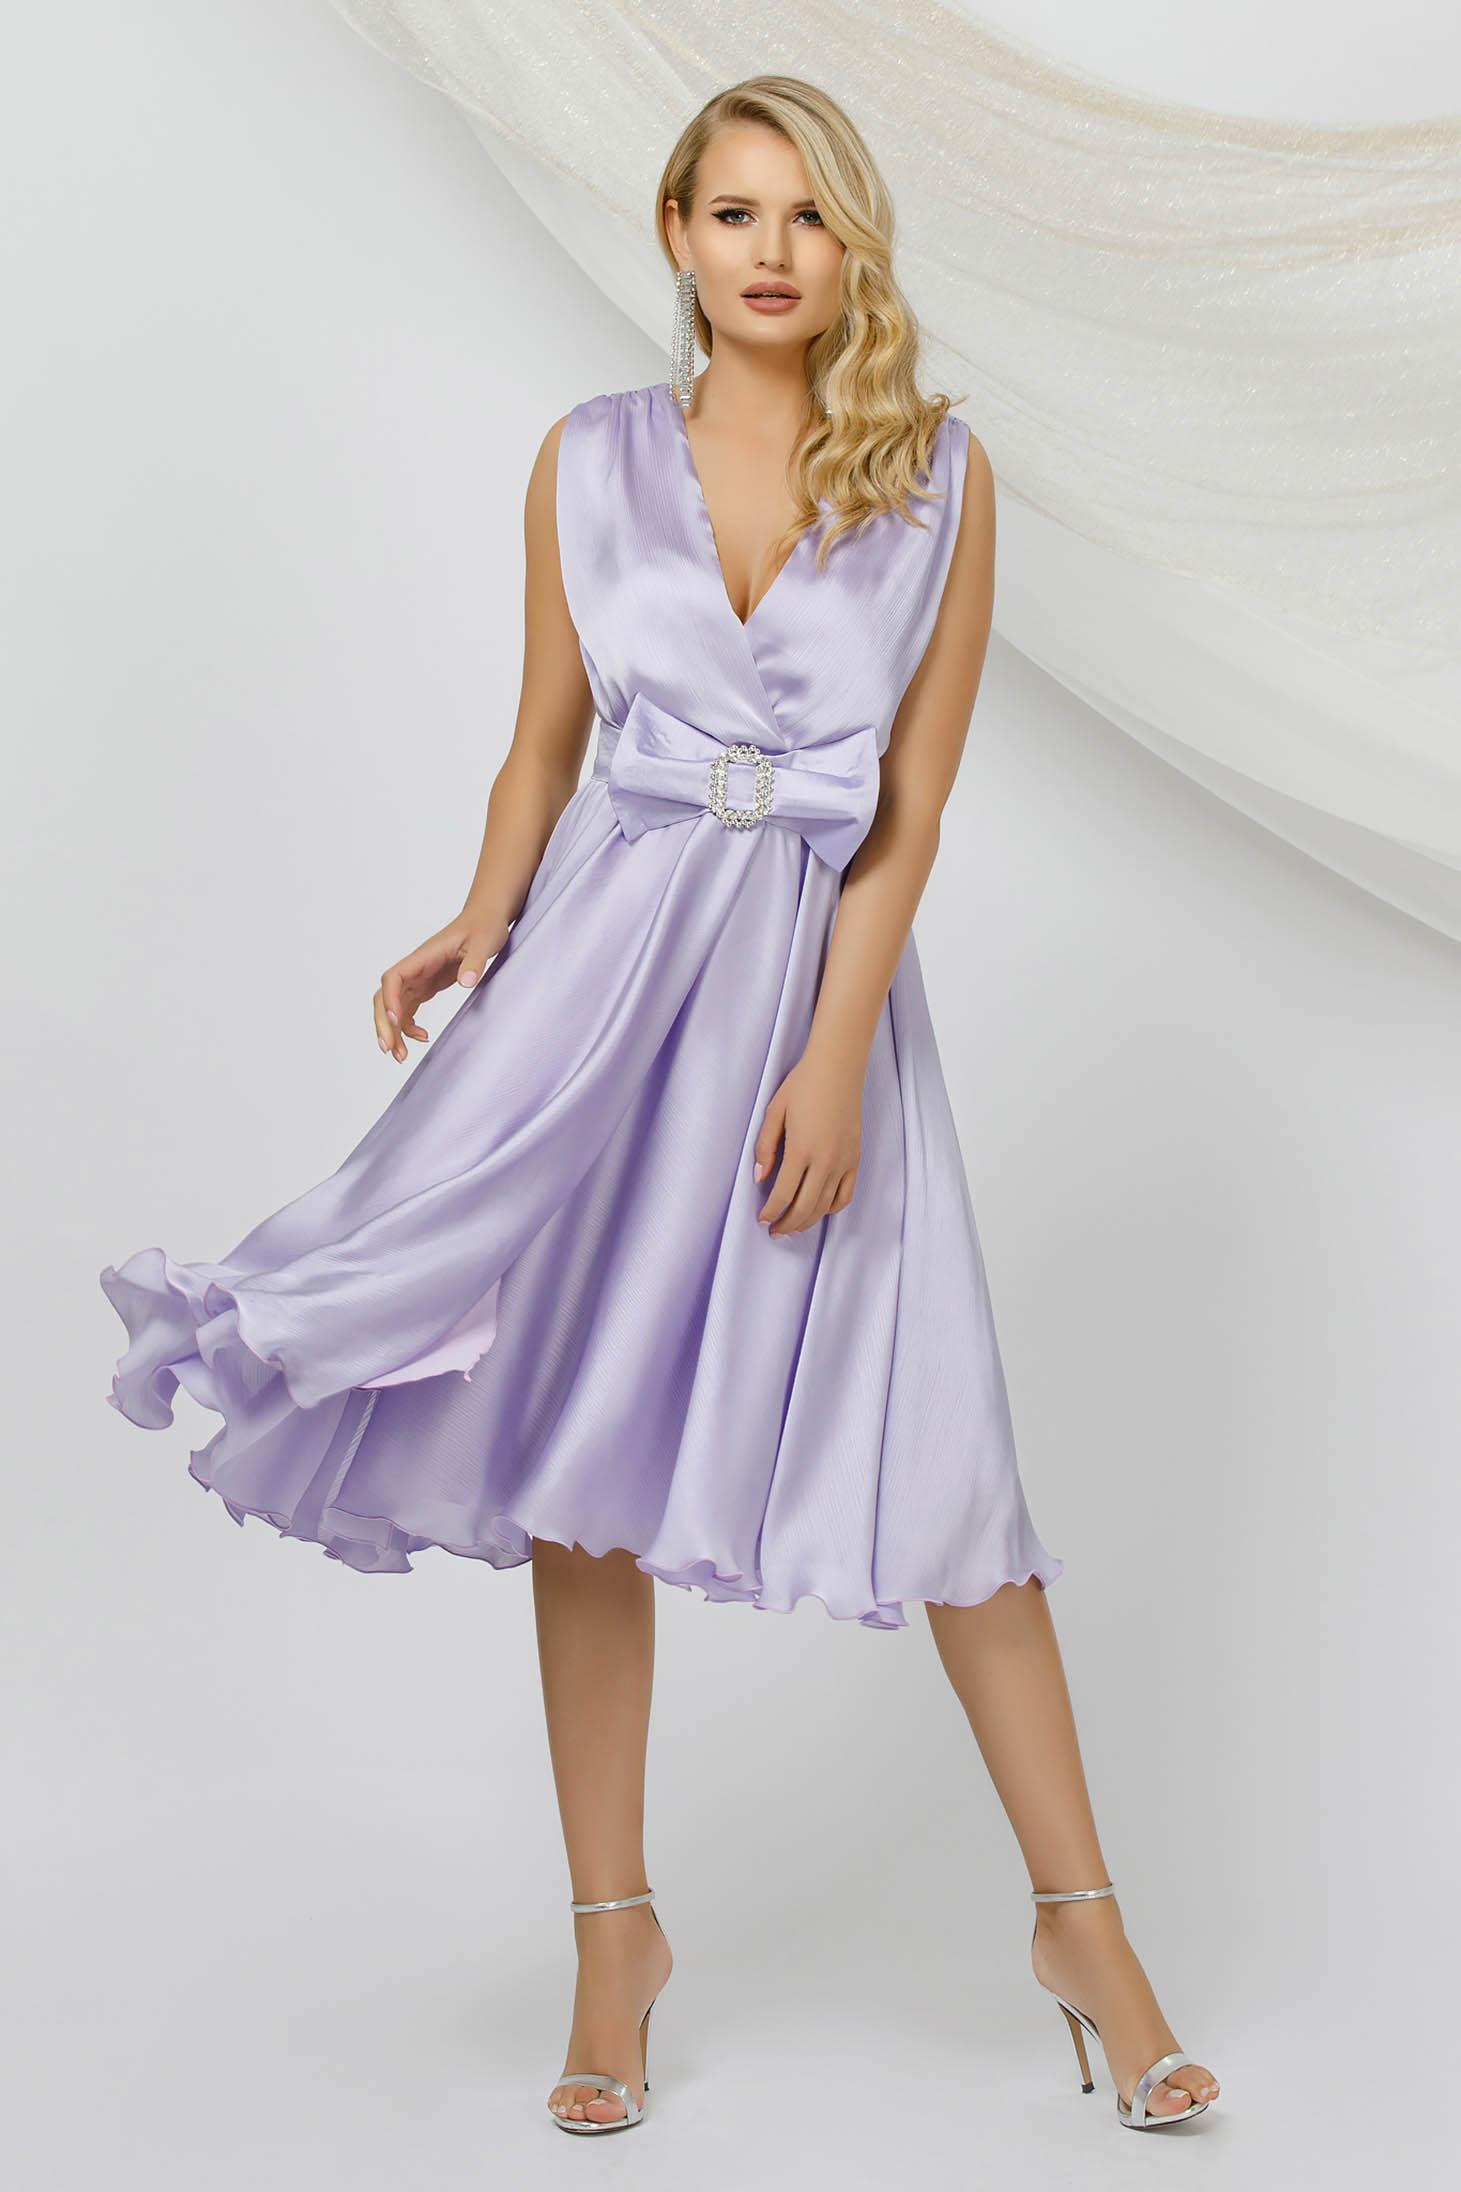 Alkalmi midi harang lila ruha muszlin anyagból, ujjatlan, eltávolítható övvel